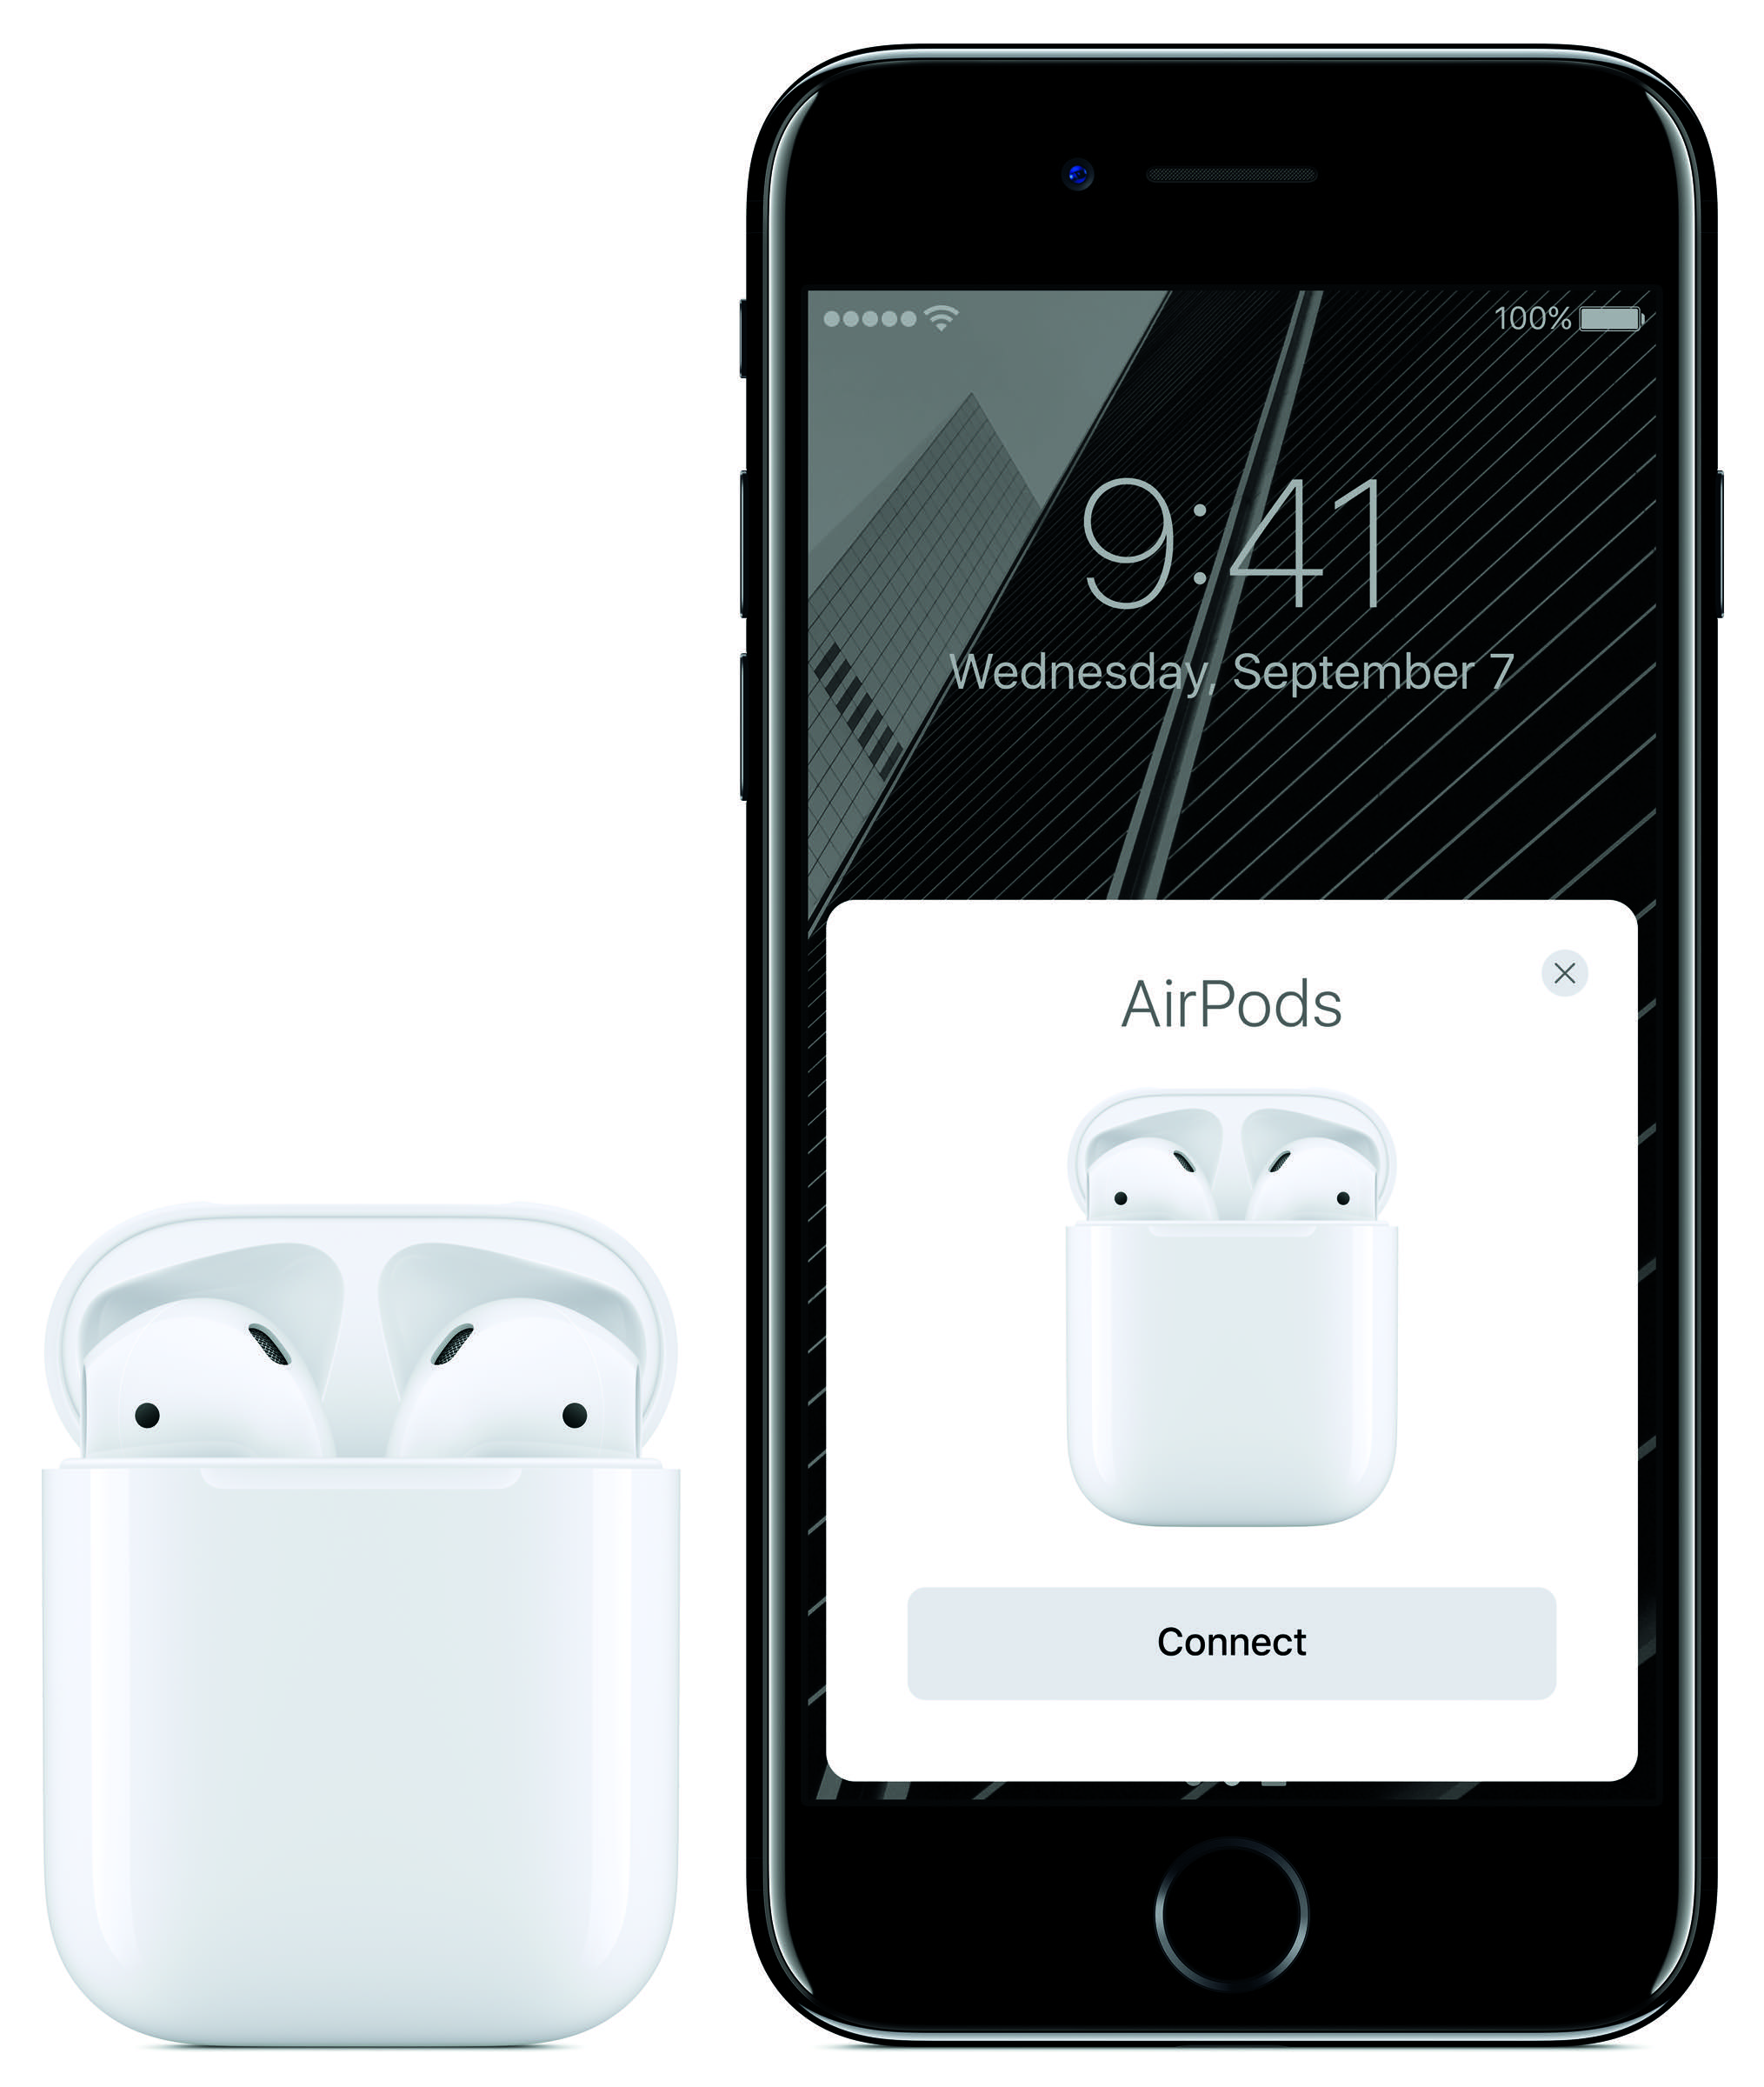 Drahtlos, aber nicht per Bluetooth: Die AirPods sollen unbeschwerten Musikgenuss liefern